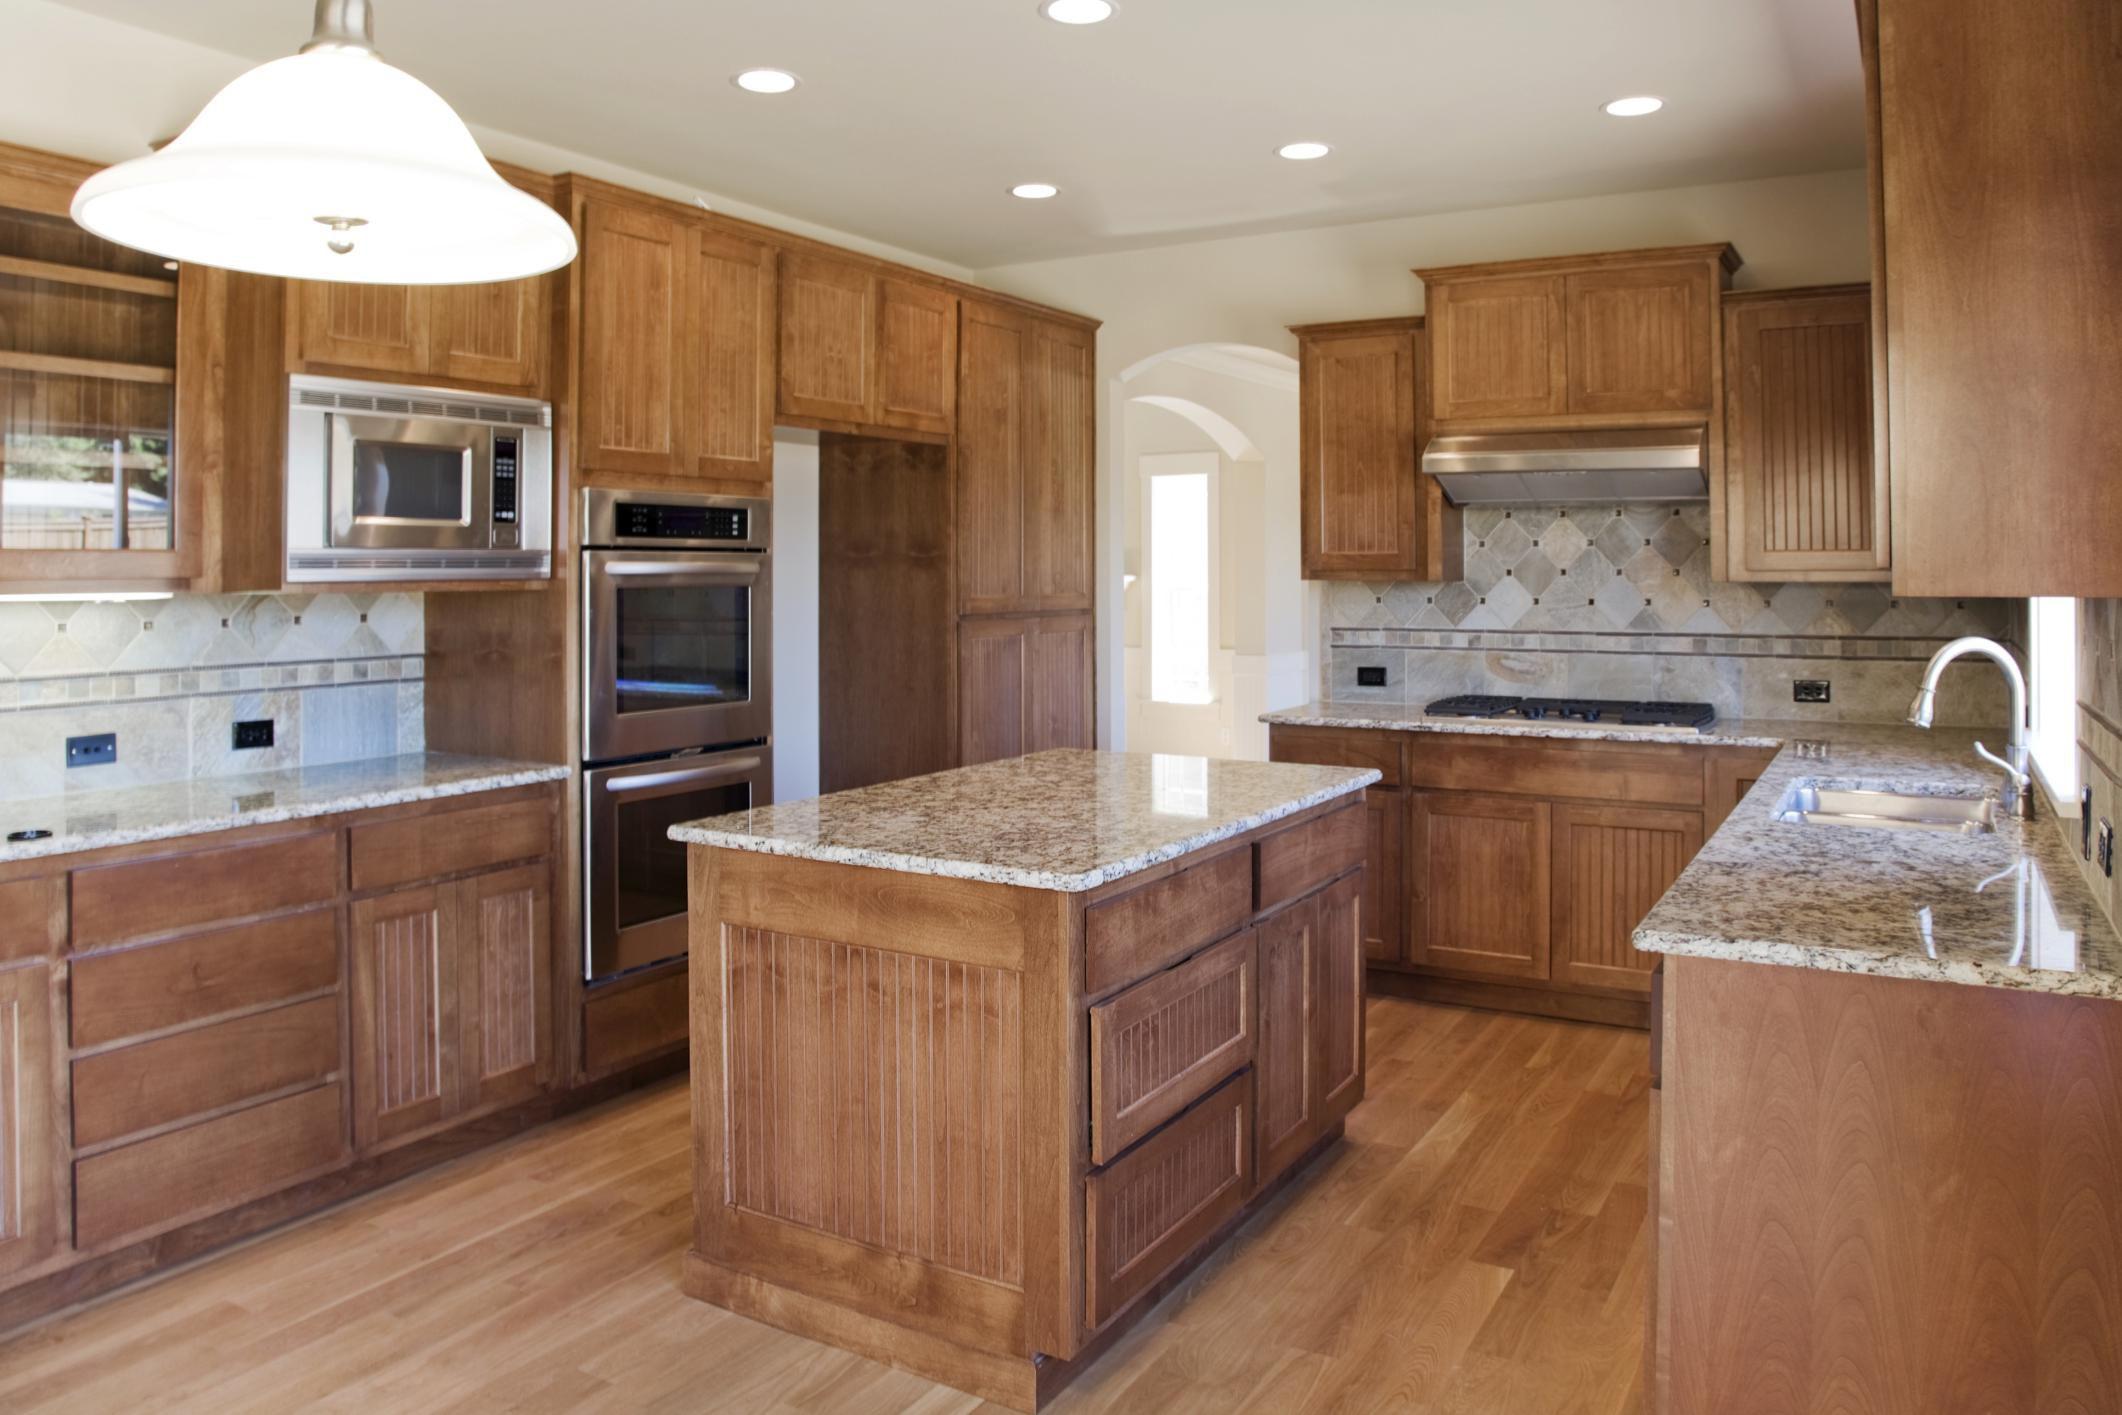 Kitchen design basics a comprehensive guide Kitchen design basics